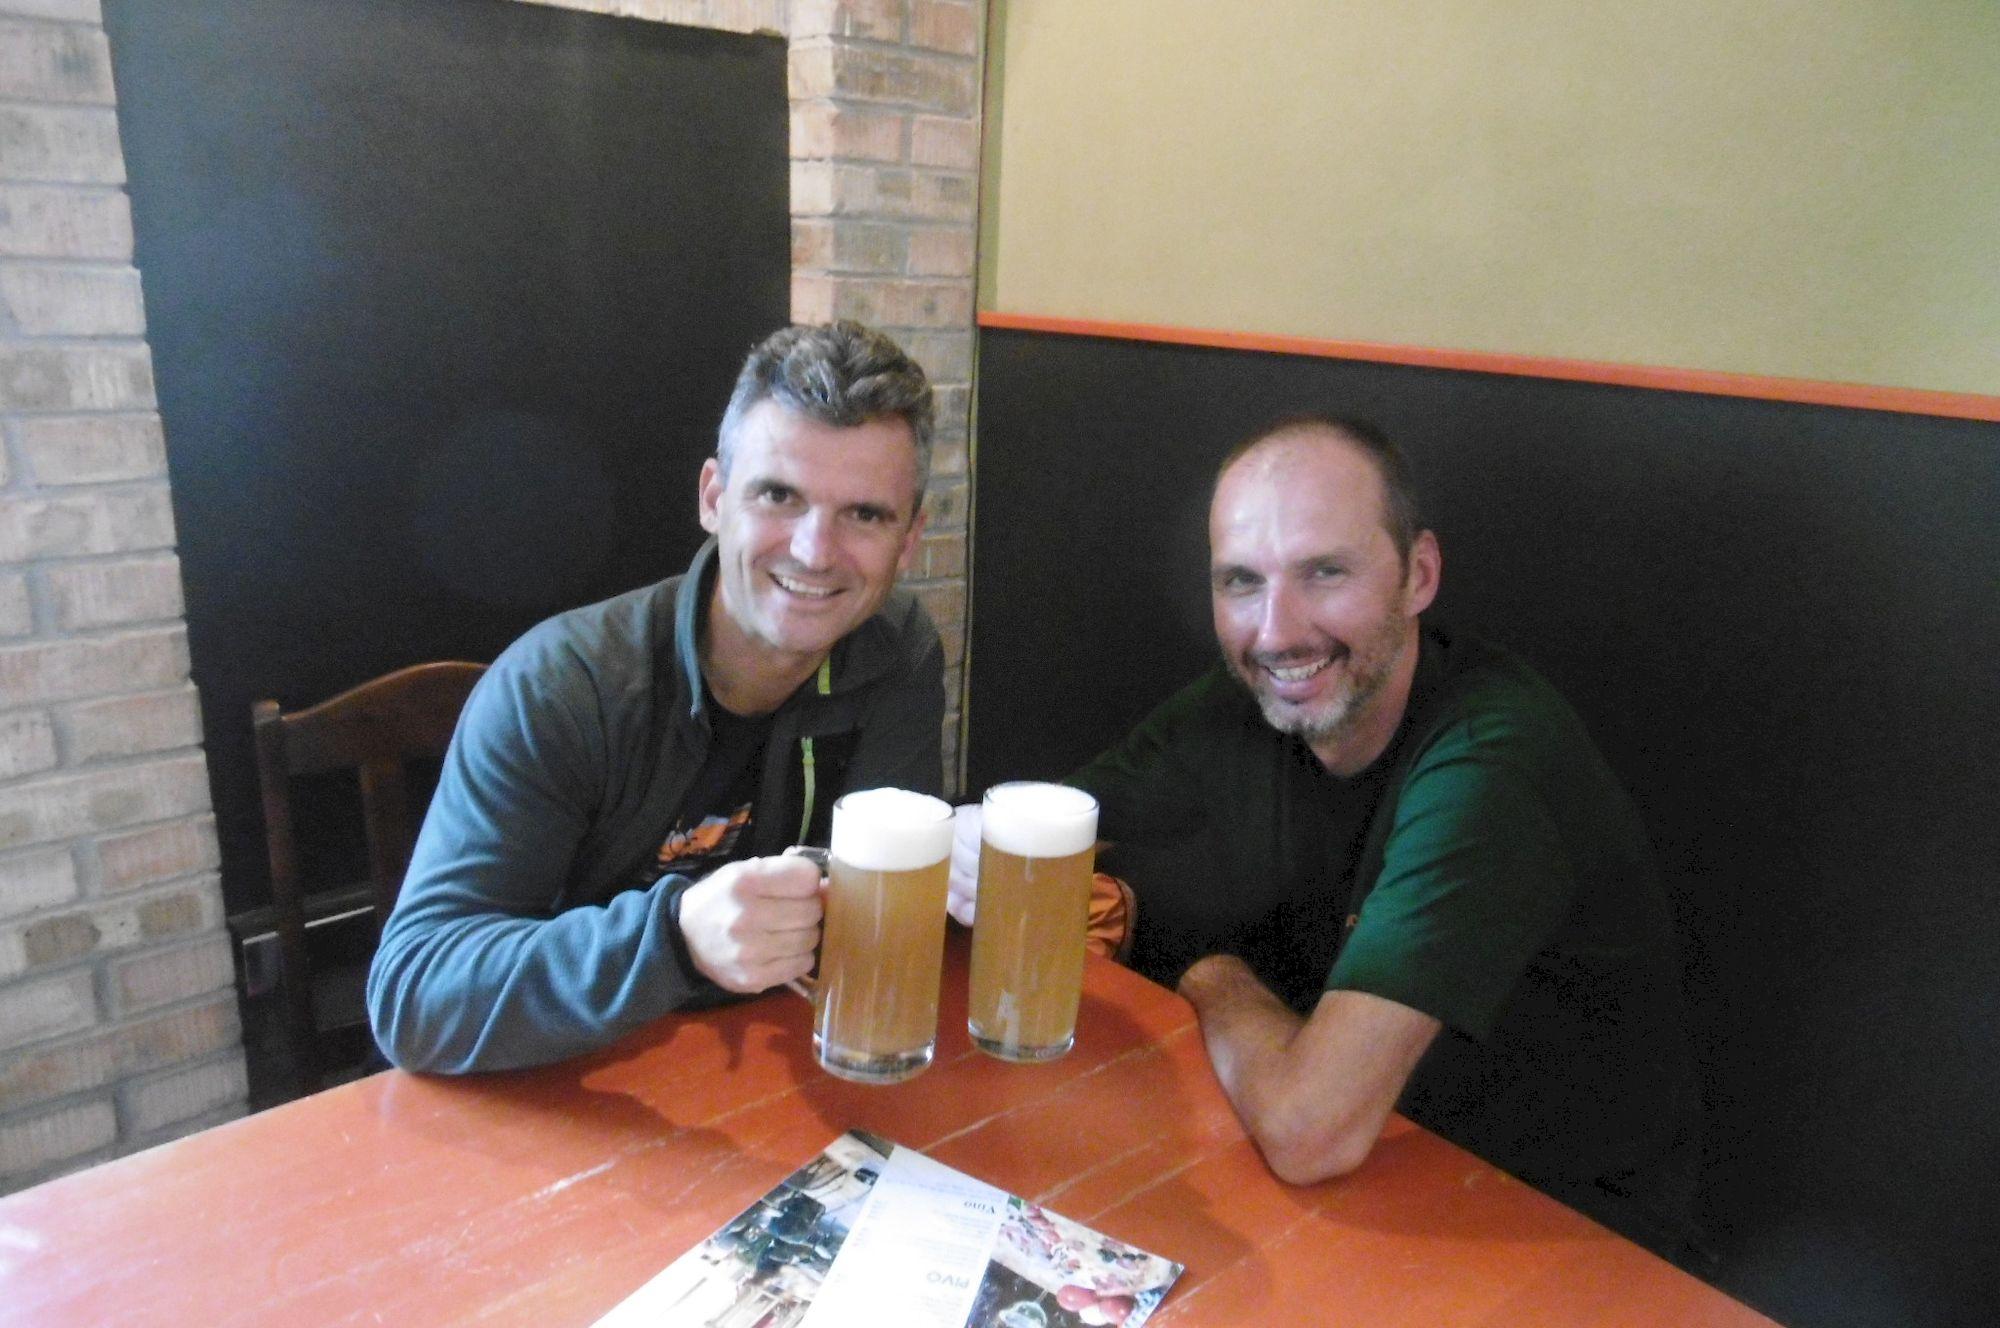 bratranecké pivo v Košiciach ktoré odštartovalo pointu nášho cyklotripu